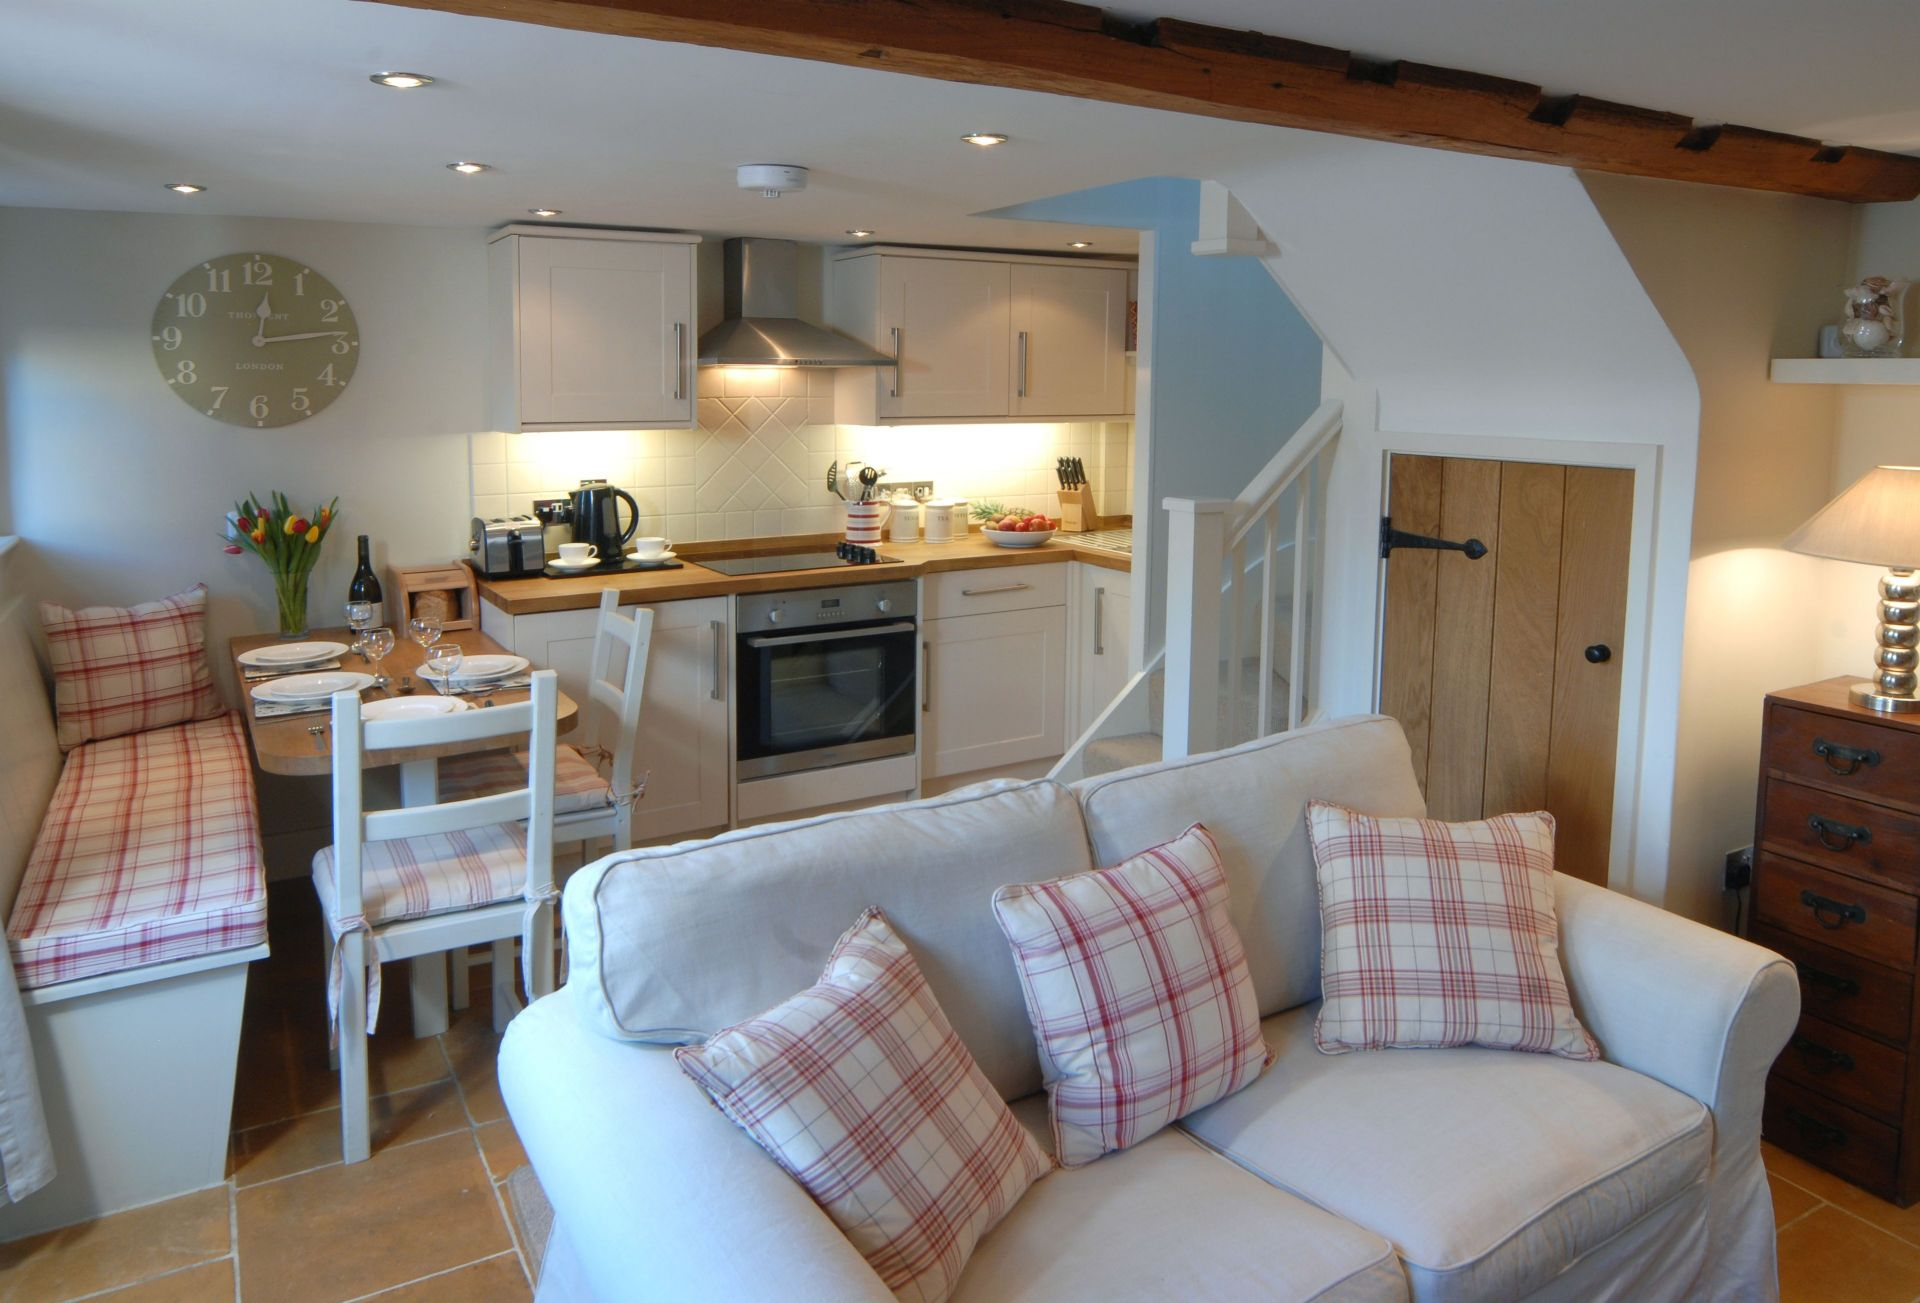 Ground floor: Open plan living area